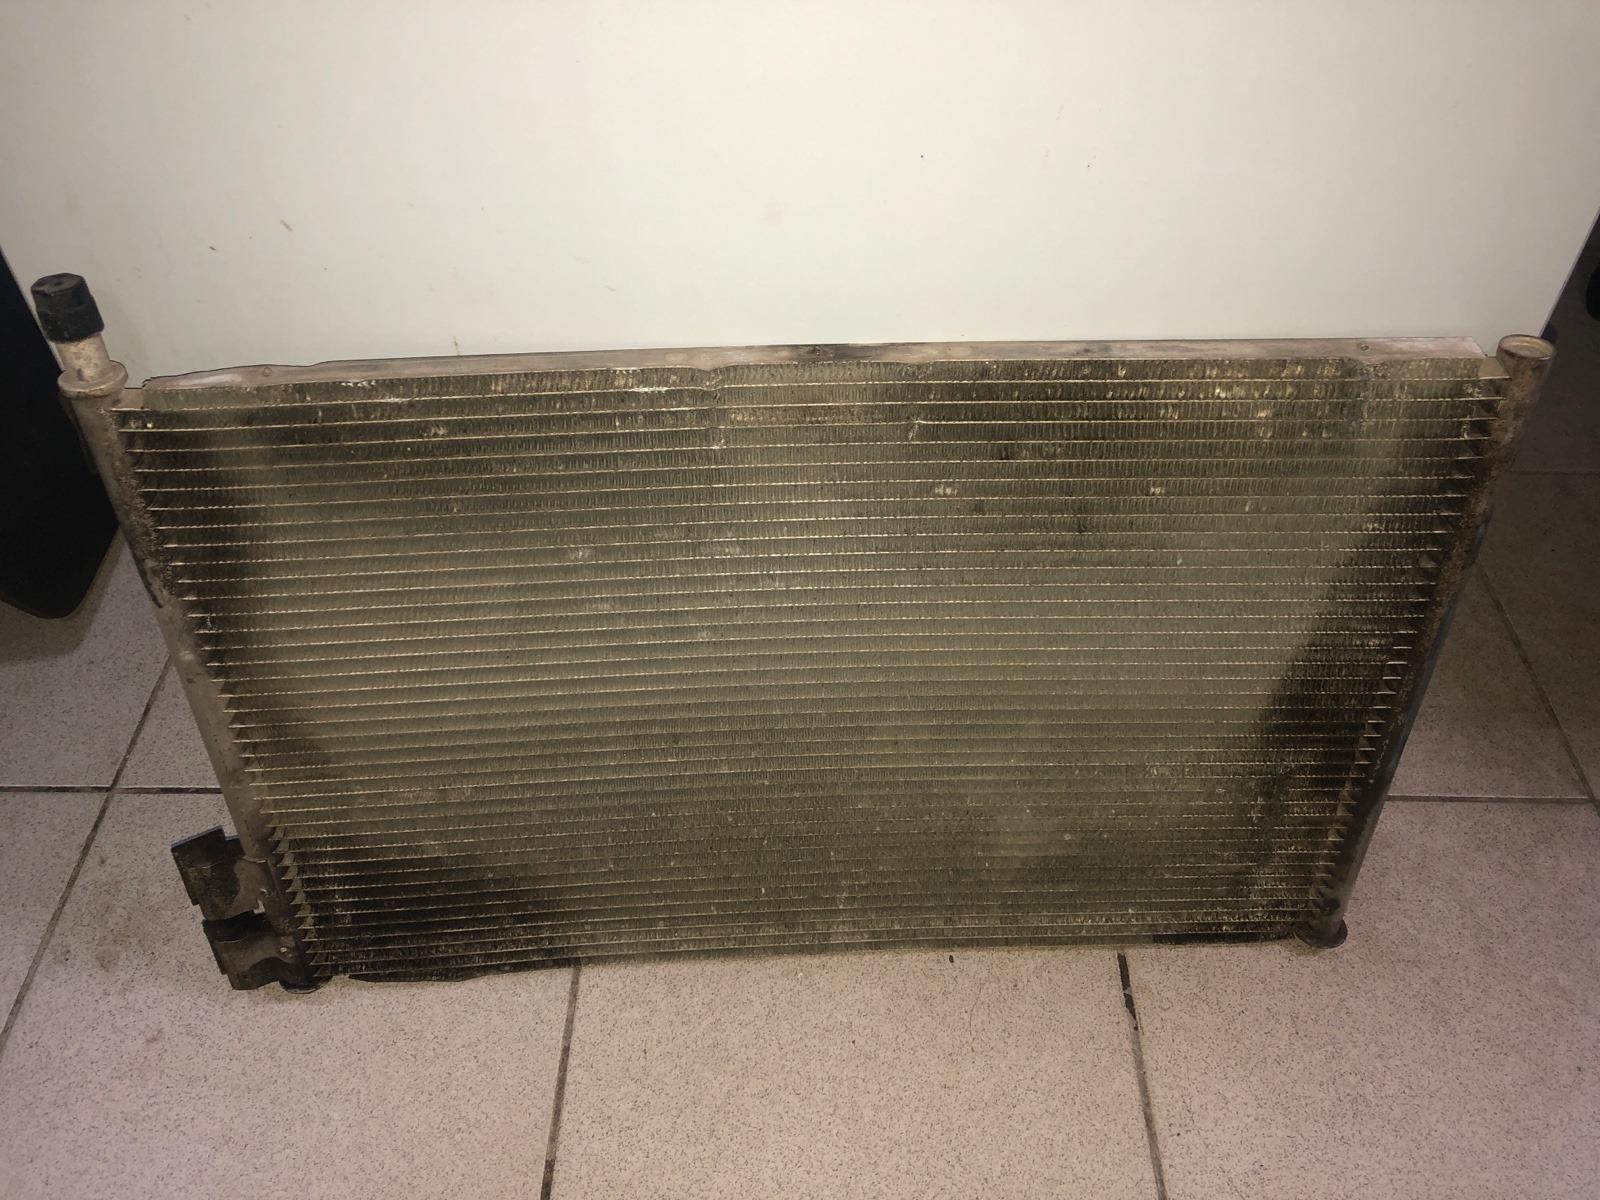 Радиатор кондиционера Ford Fiesta ХЭТЧБЕК 5ДВ. 1.6 2007 (б/у)